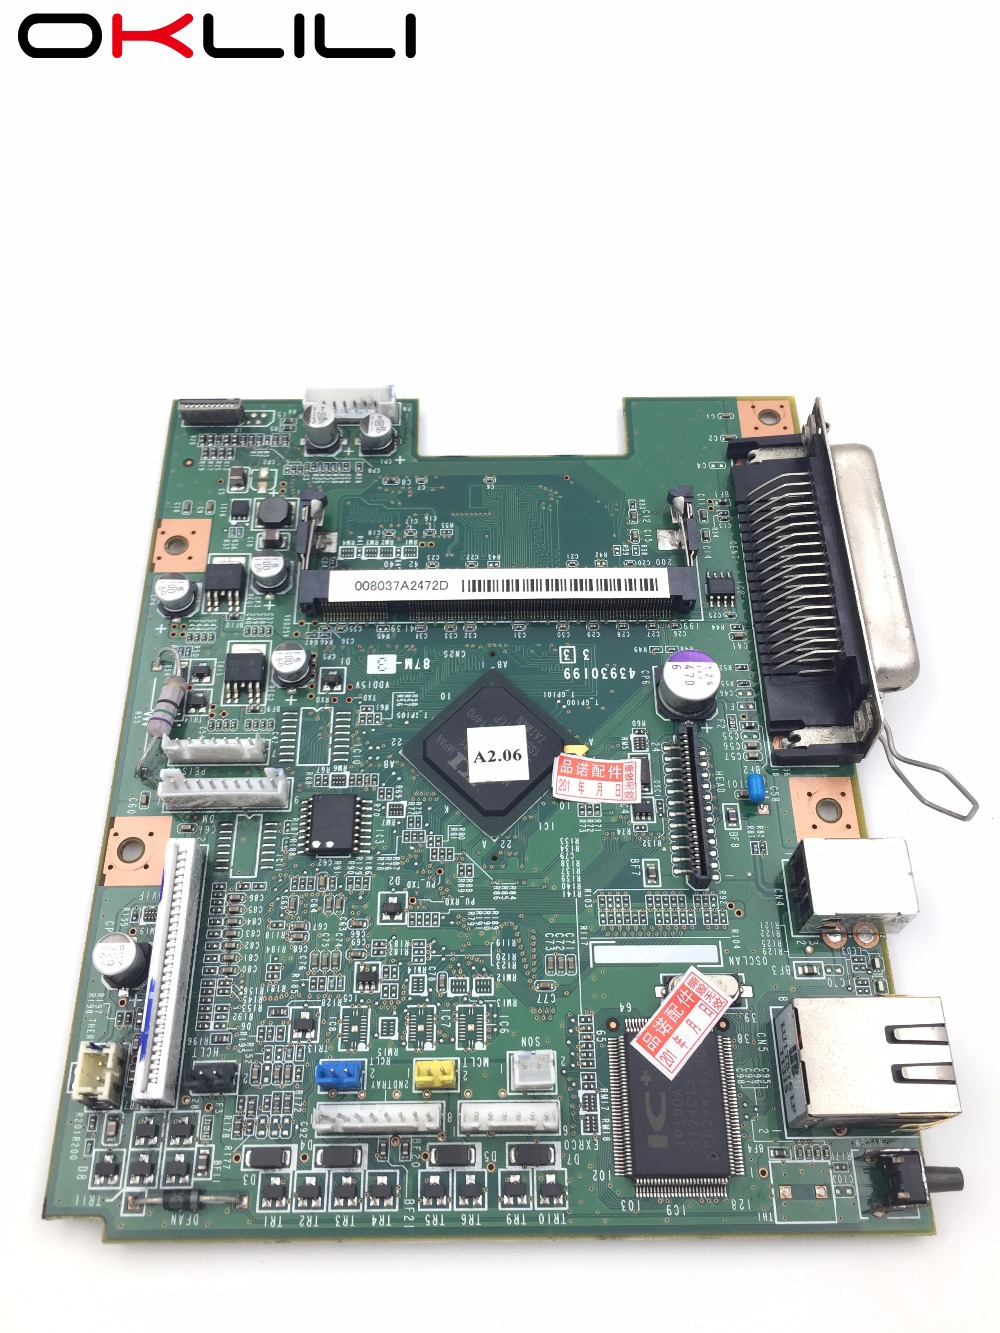 43963616 Board 87M-3 Nic mainboard mother Formatter Board for OKI B420 B410 B410d B430 B430d MPS480mb MPS420b MB460 MB470 MB480 formatter pca assy formatter board logic main board mainboard mother board for hp m775 m775dn m775f m775z m775z ce396 60001